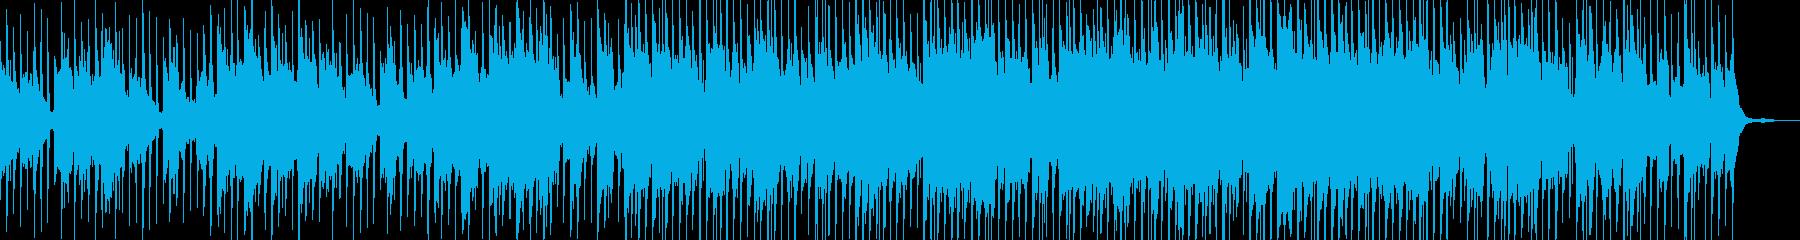 ノリが良いコミカルでpopなハウスの再生済みの波形